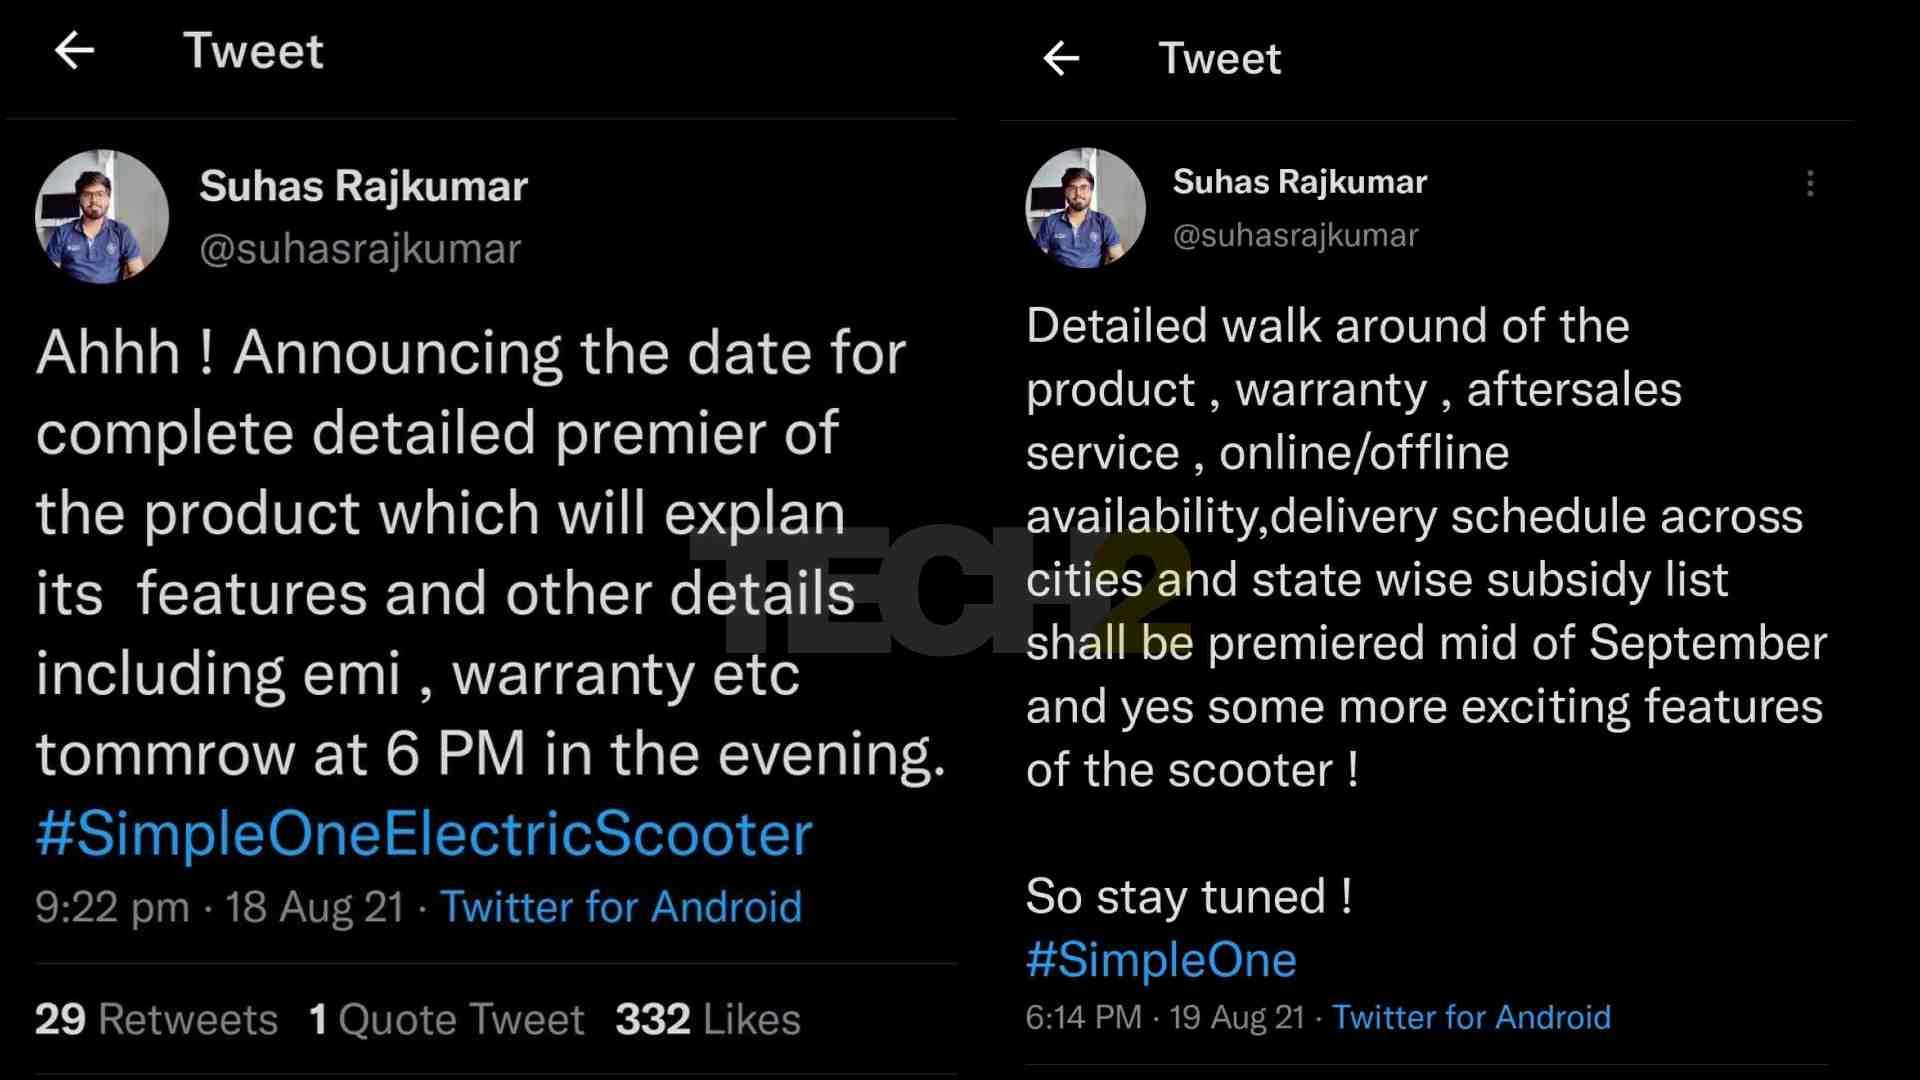 Rajkumar ha eliminado los tweets relacionados con el anuncio de más detalles del Simple One, creando incertidumbre en la mente de los compradores potenciales.